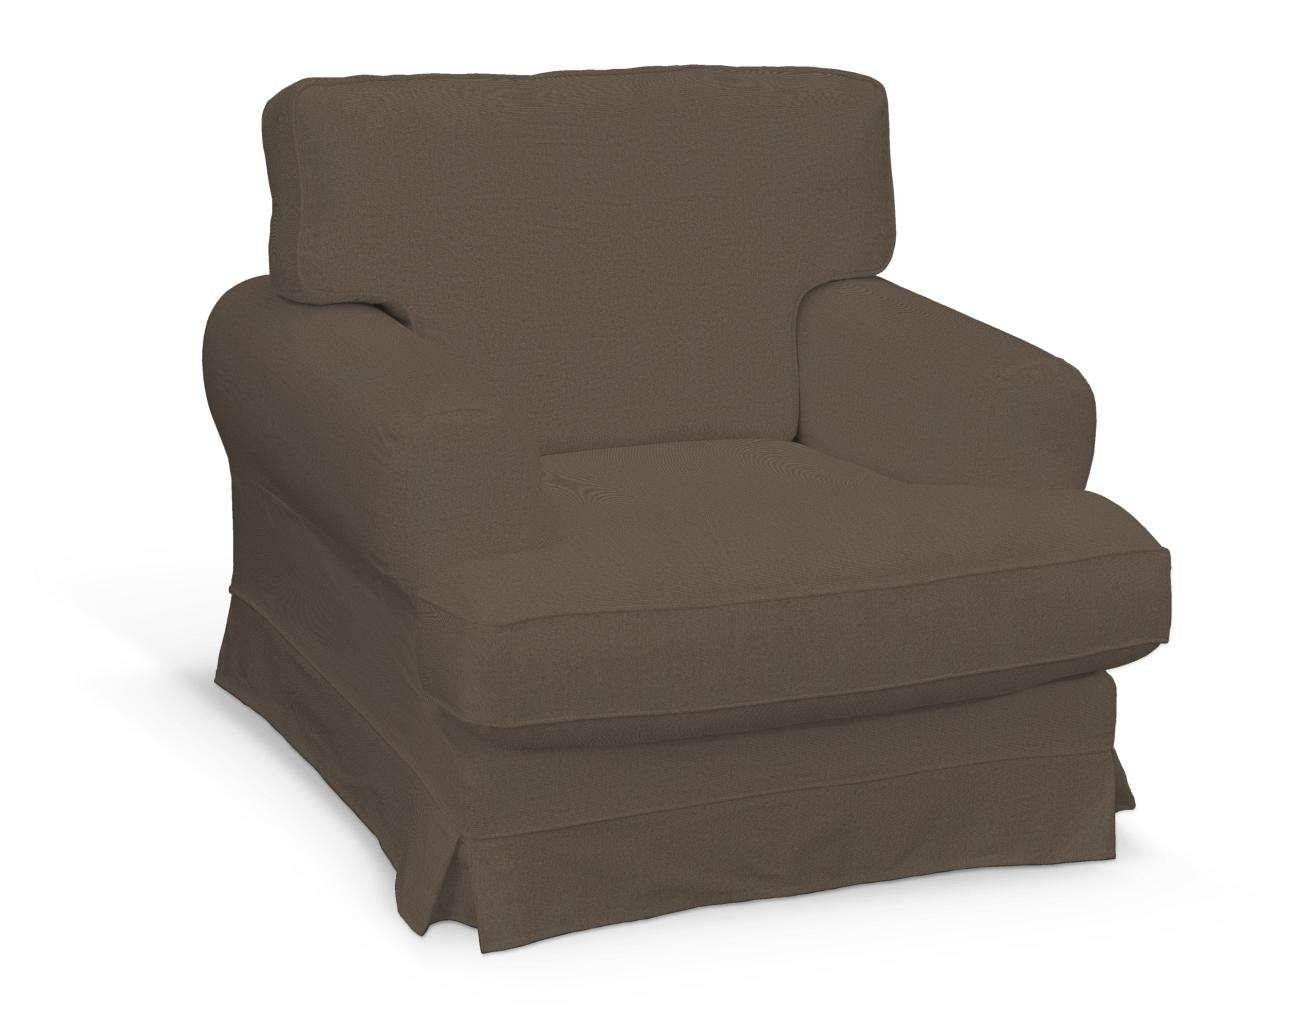 Bezug für Ekeskog Sessel von der Kollektion Etna, Stoff: 705-08